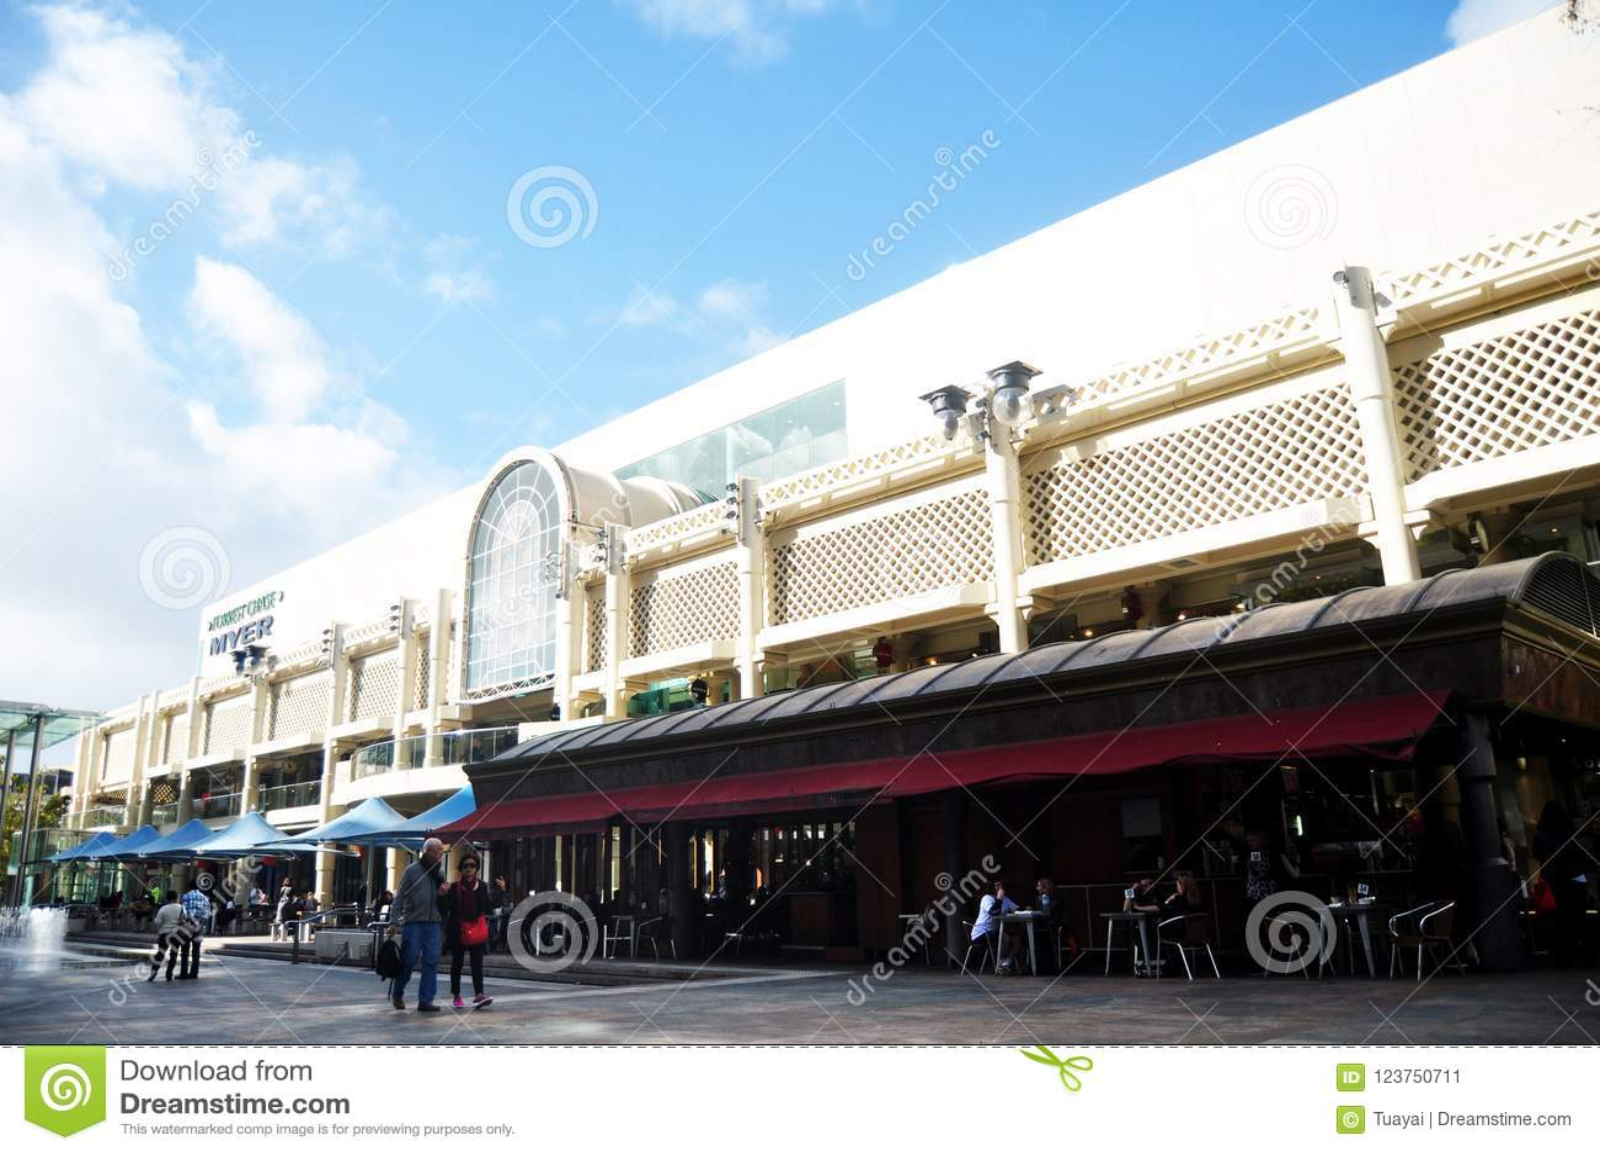 Οι άνθρωποι επισκέφτηκαν το ταξίδι και τις αγορές στο κατάστημα πόλεων Myer στο Περθ, Αυστραλία